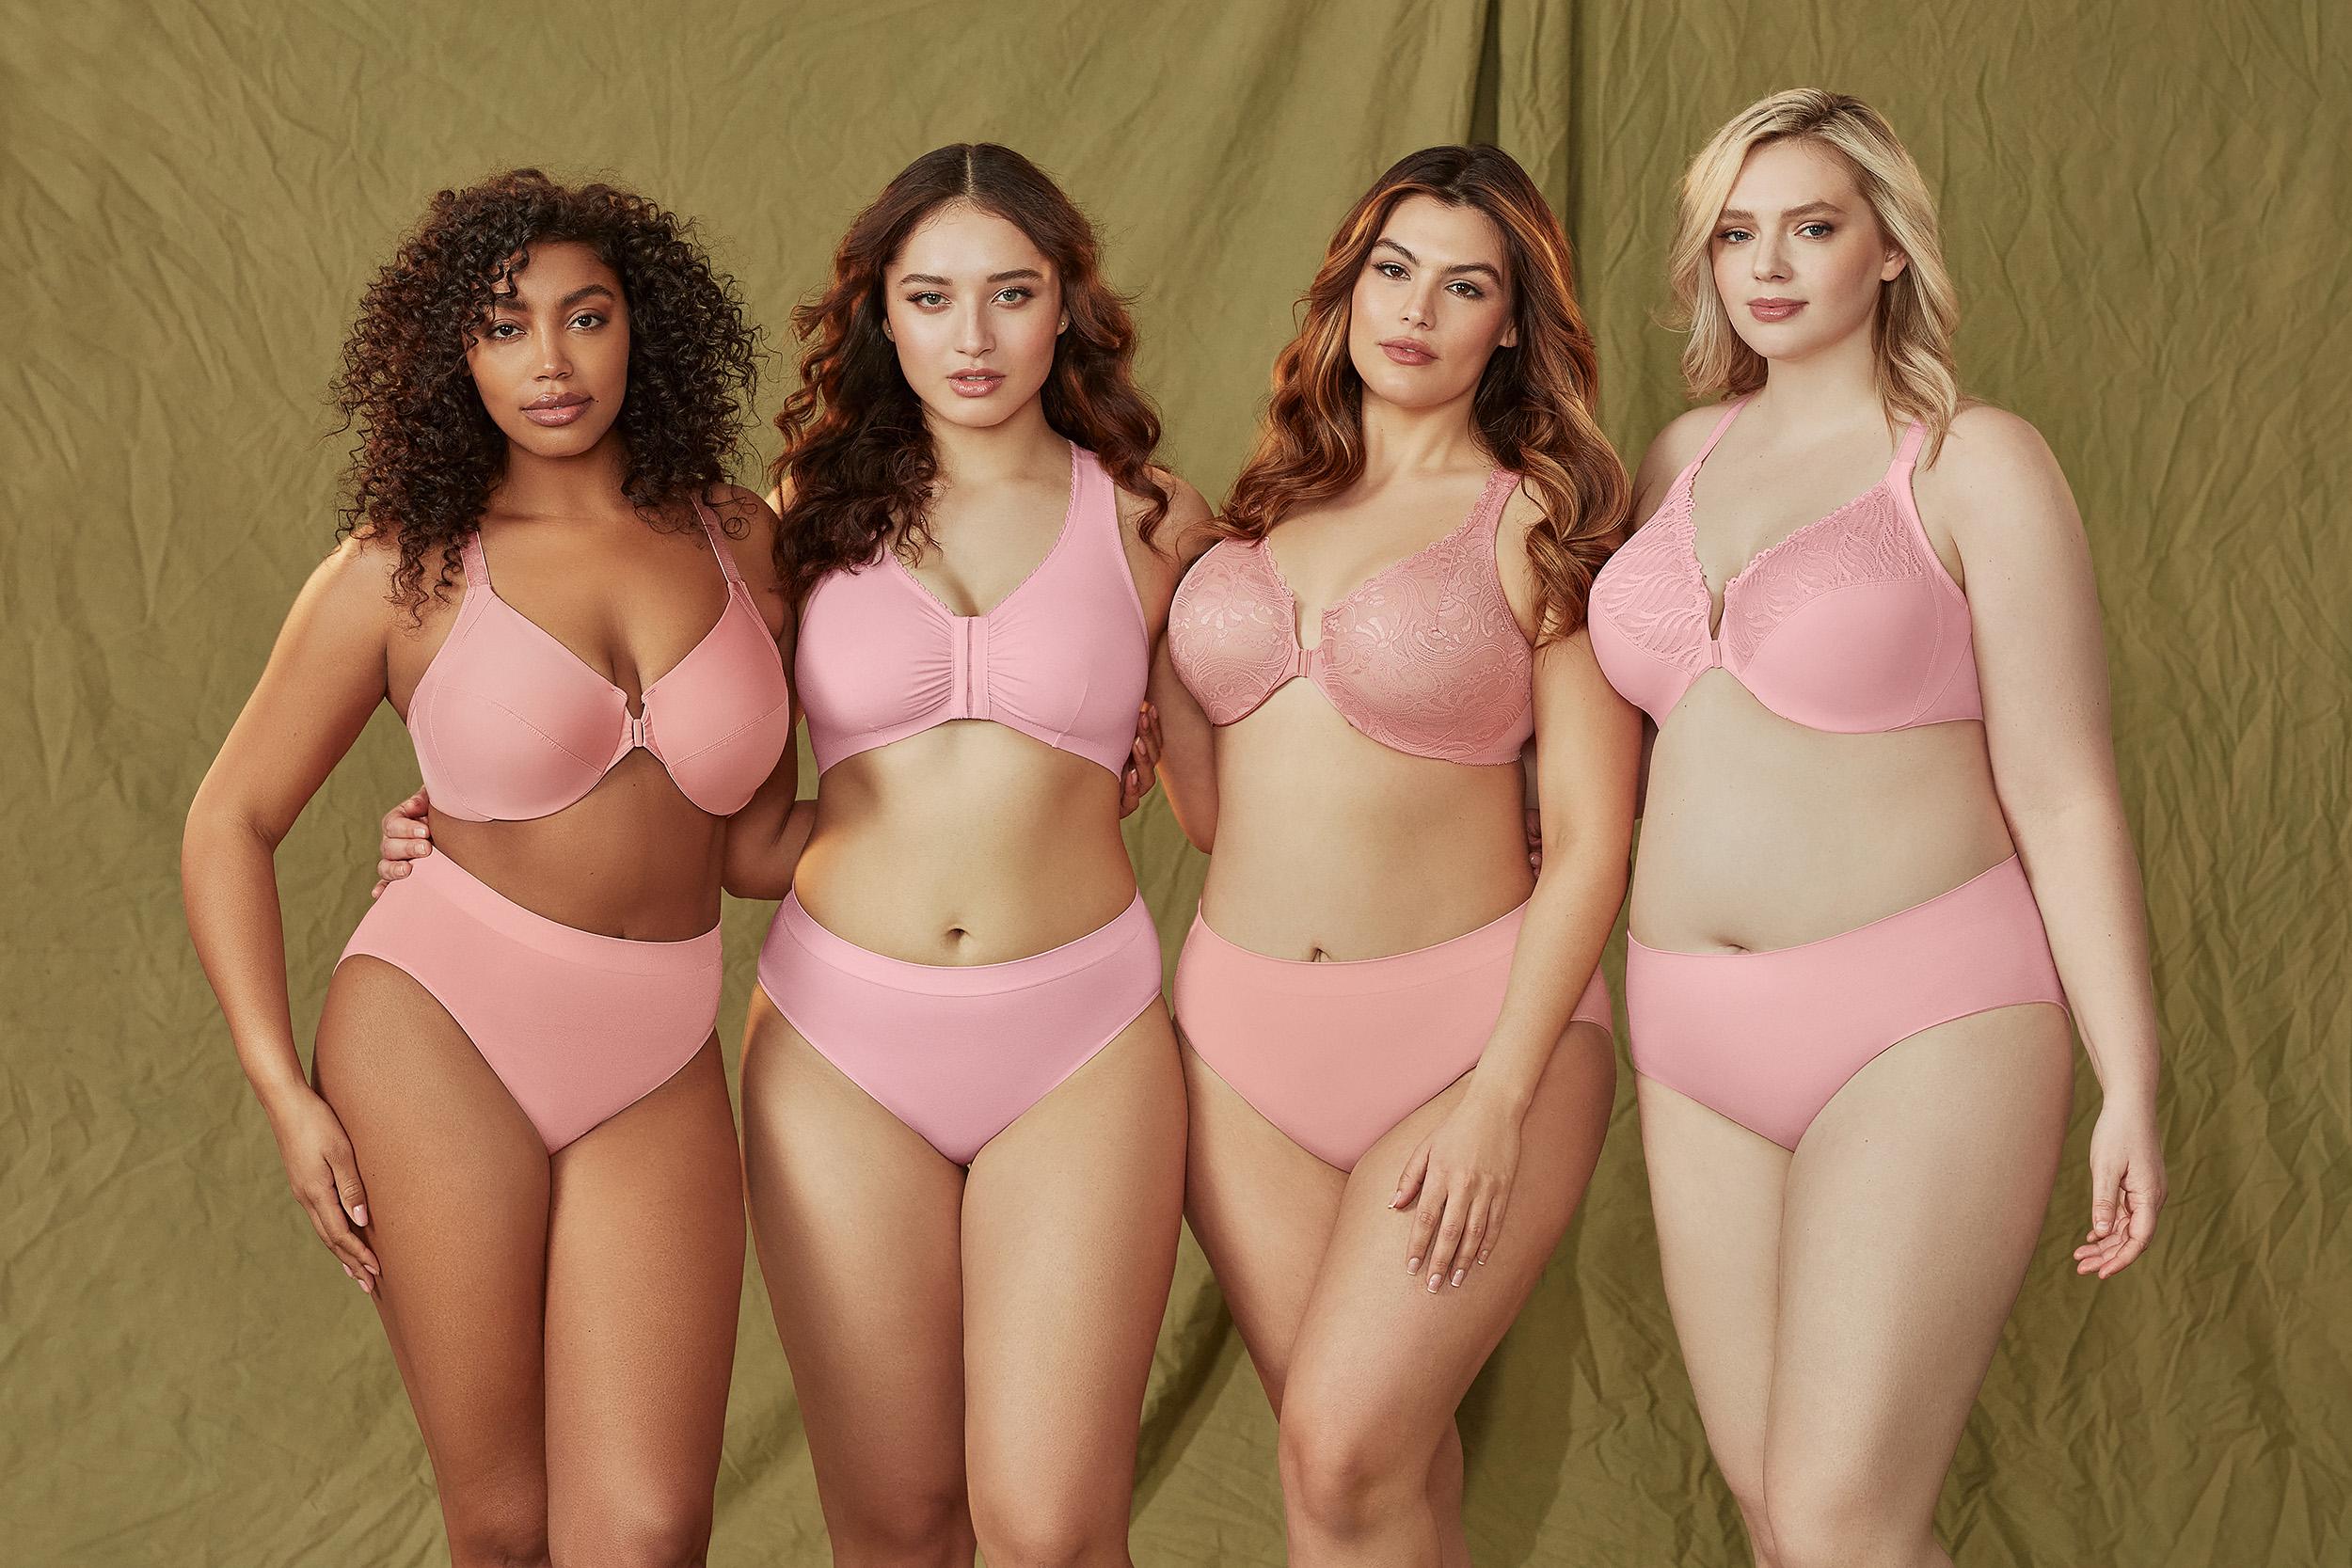 bc600077c032e Glamorise Plus Size Bras   Lingerie for Full-Figured Women